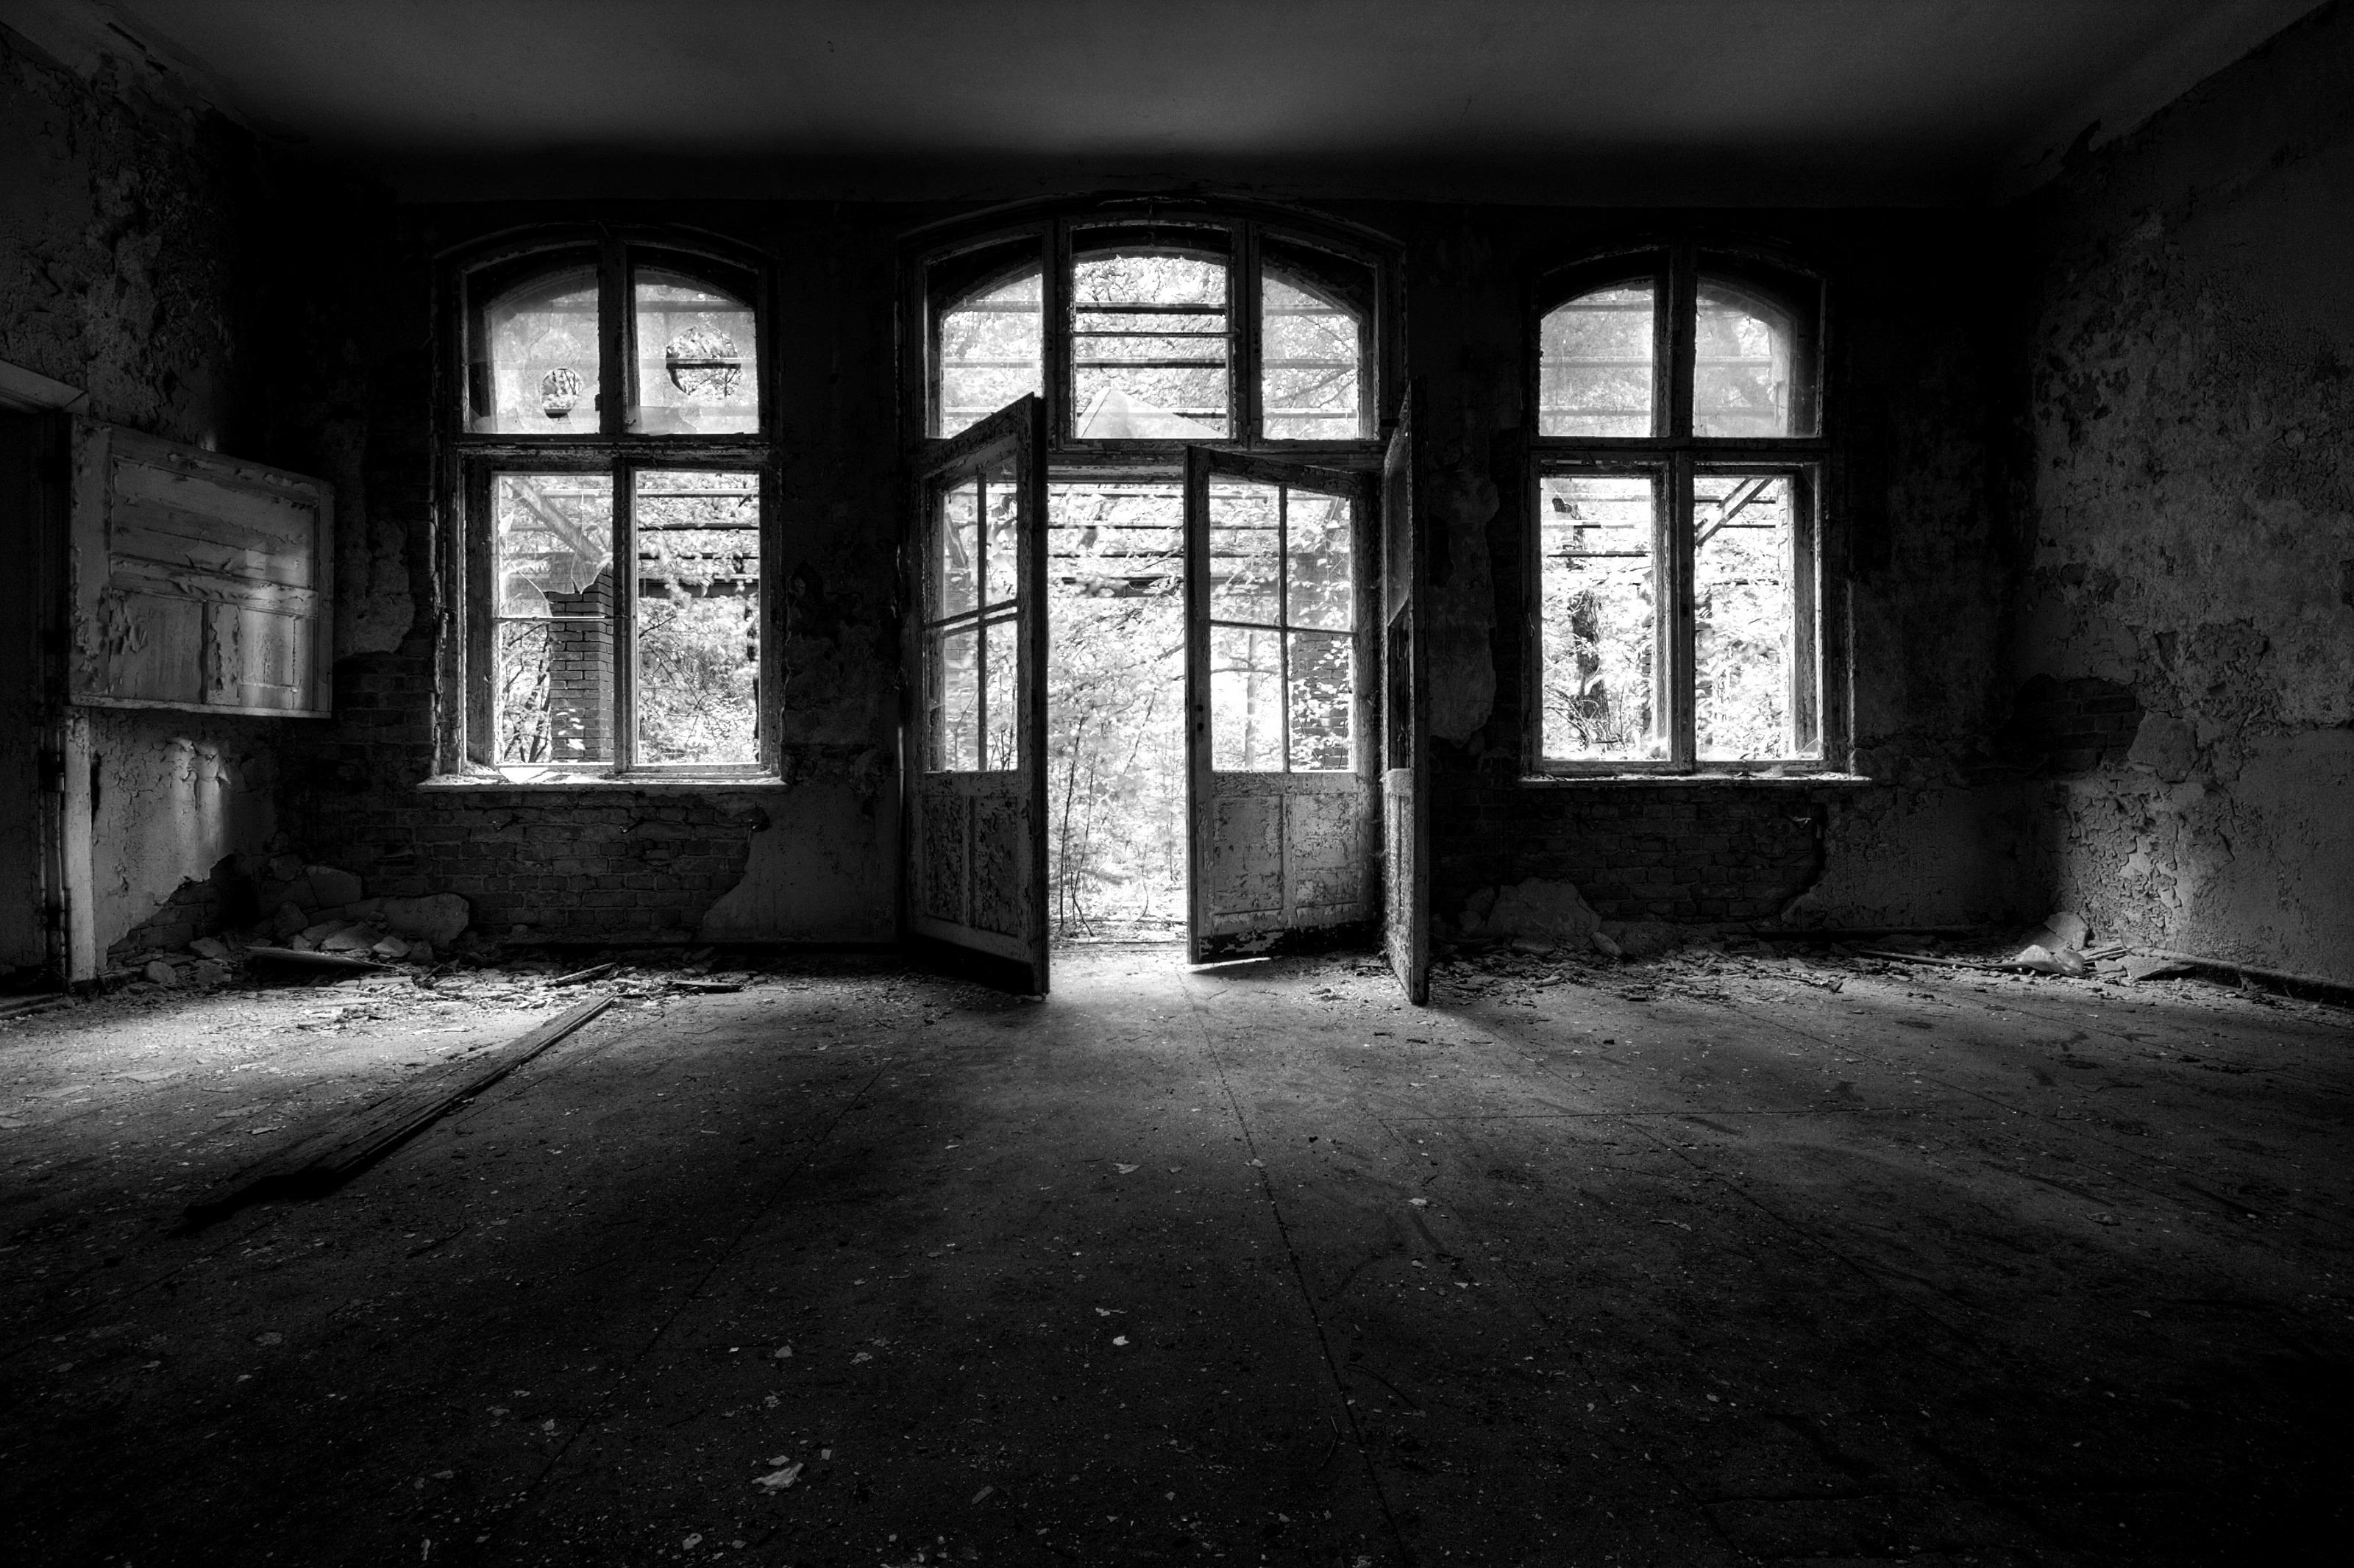 заброшенный дом двери окна коридор  № 2195324 без смс